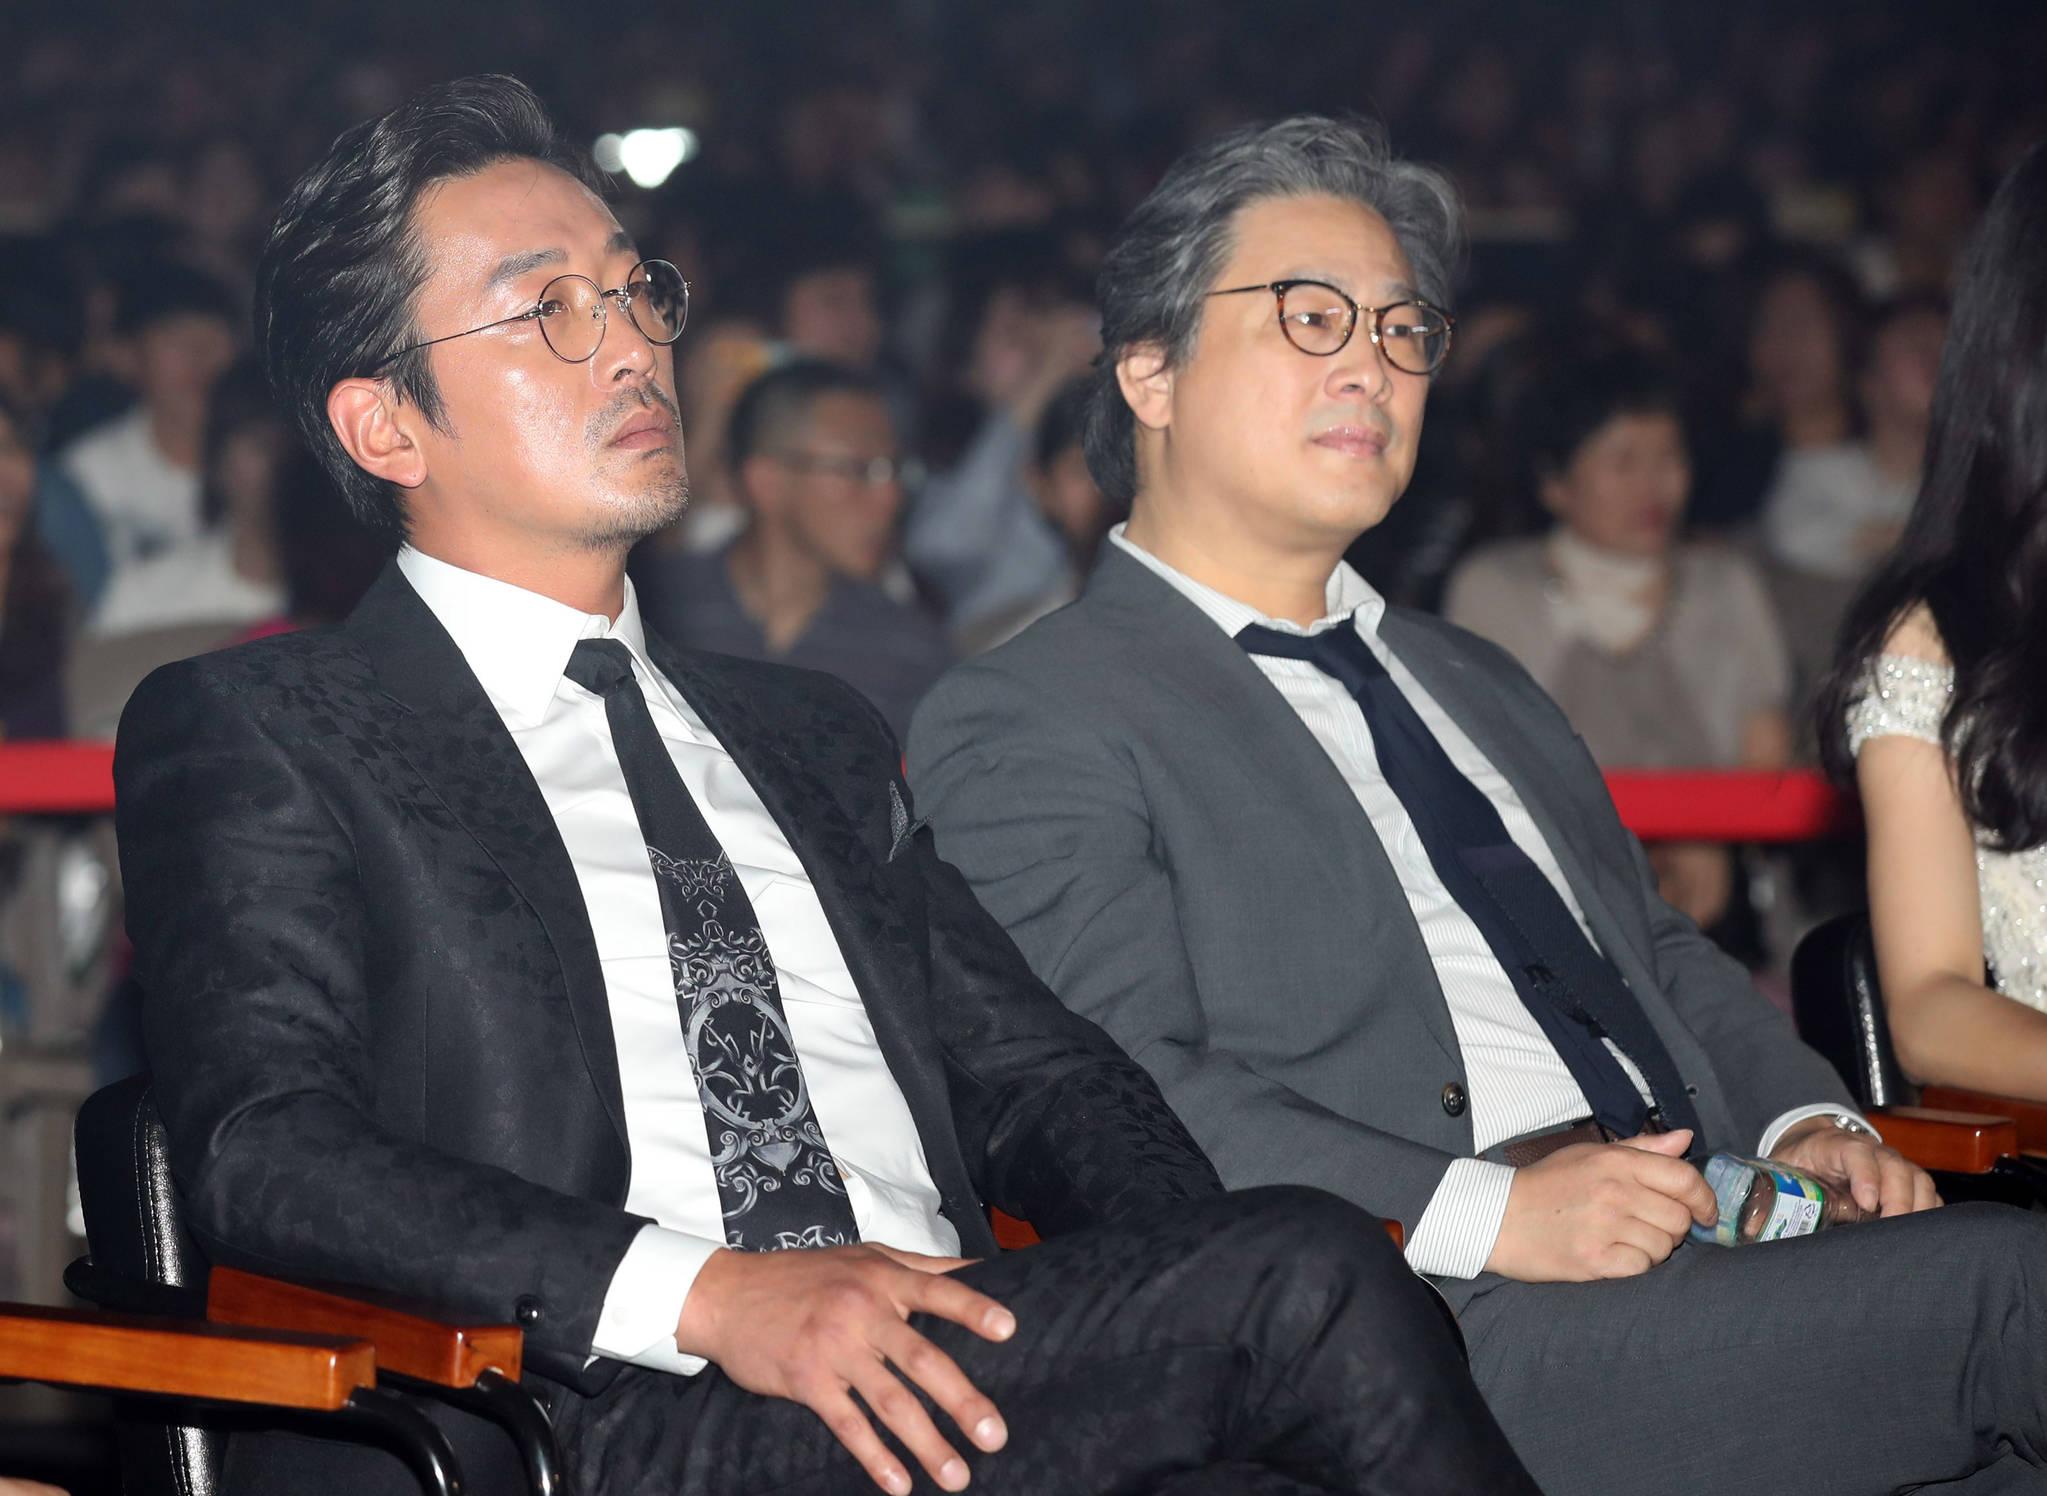 제53회 백상예술대상 시상식,하정우 박찬욱 대상발표직전 표정